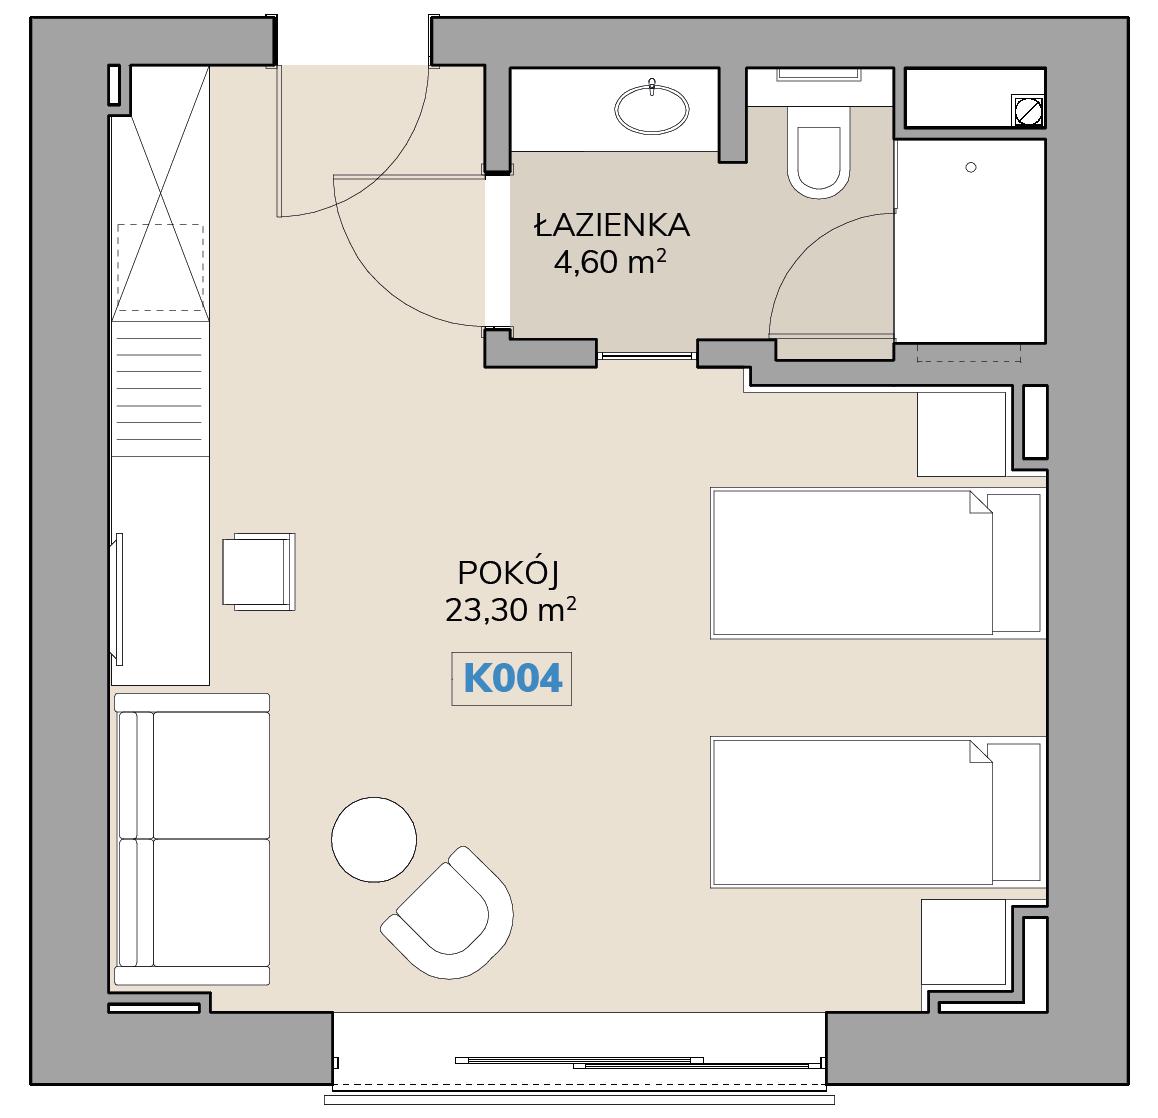 Apartament K004